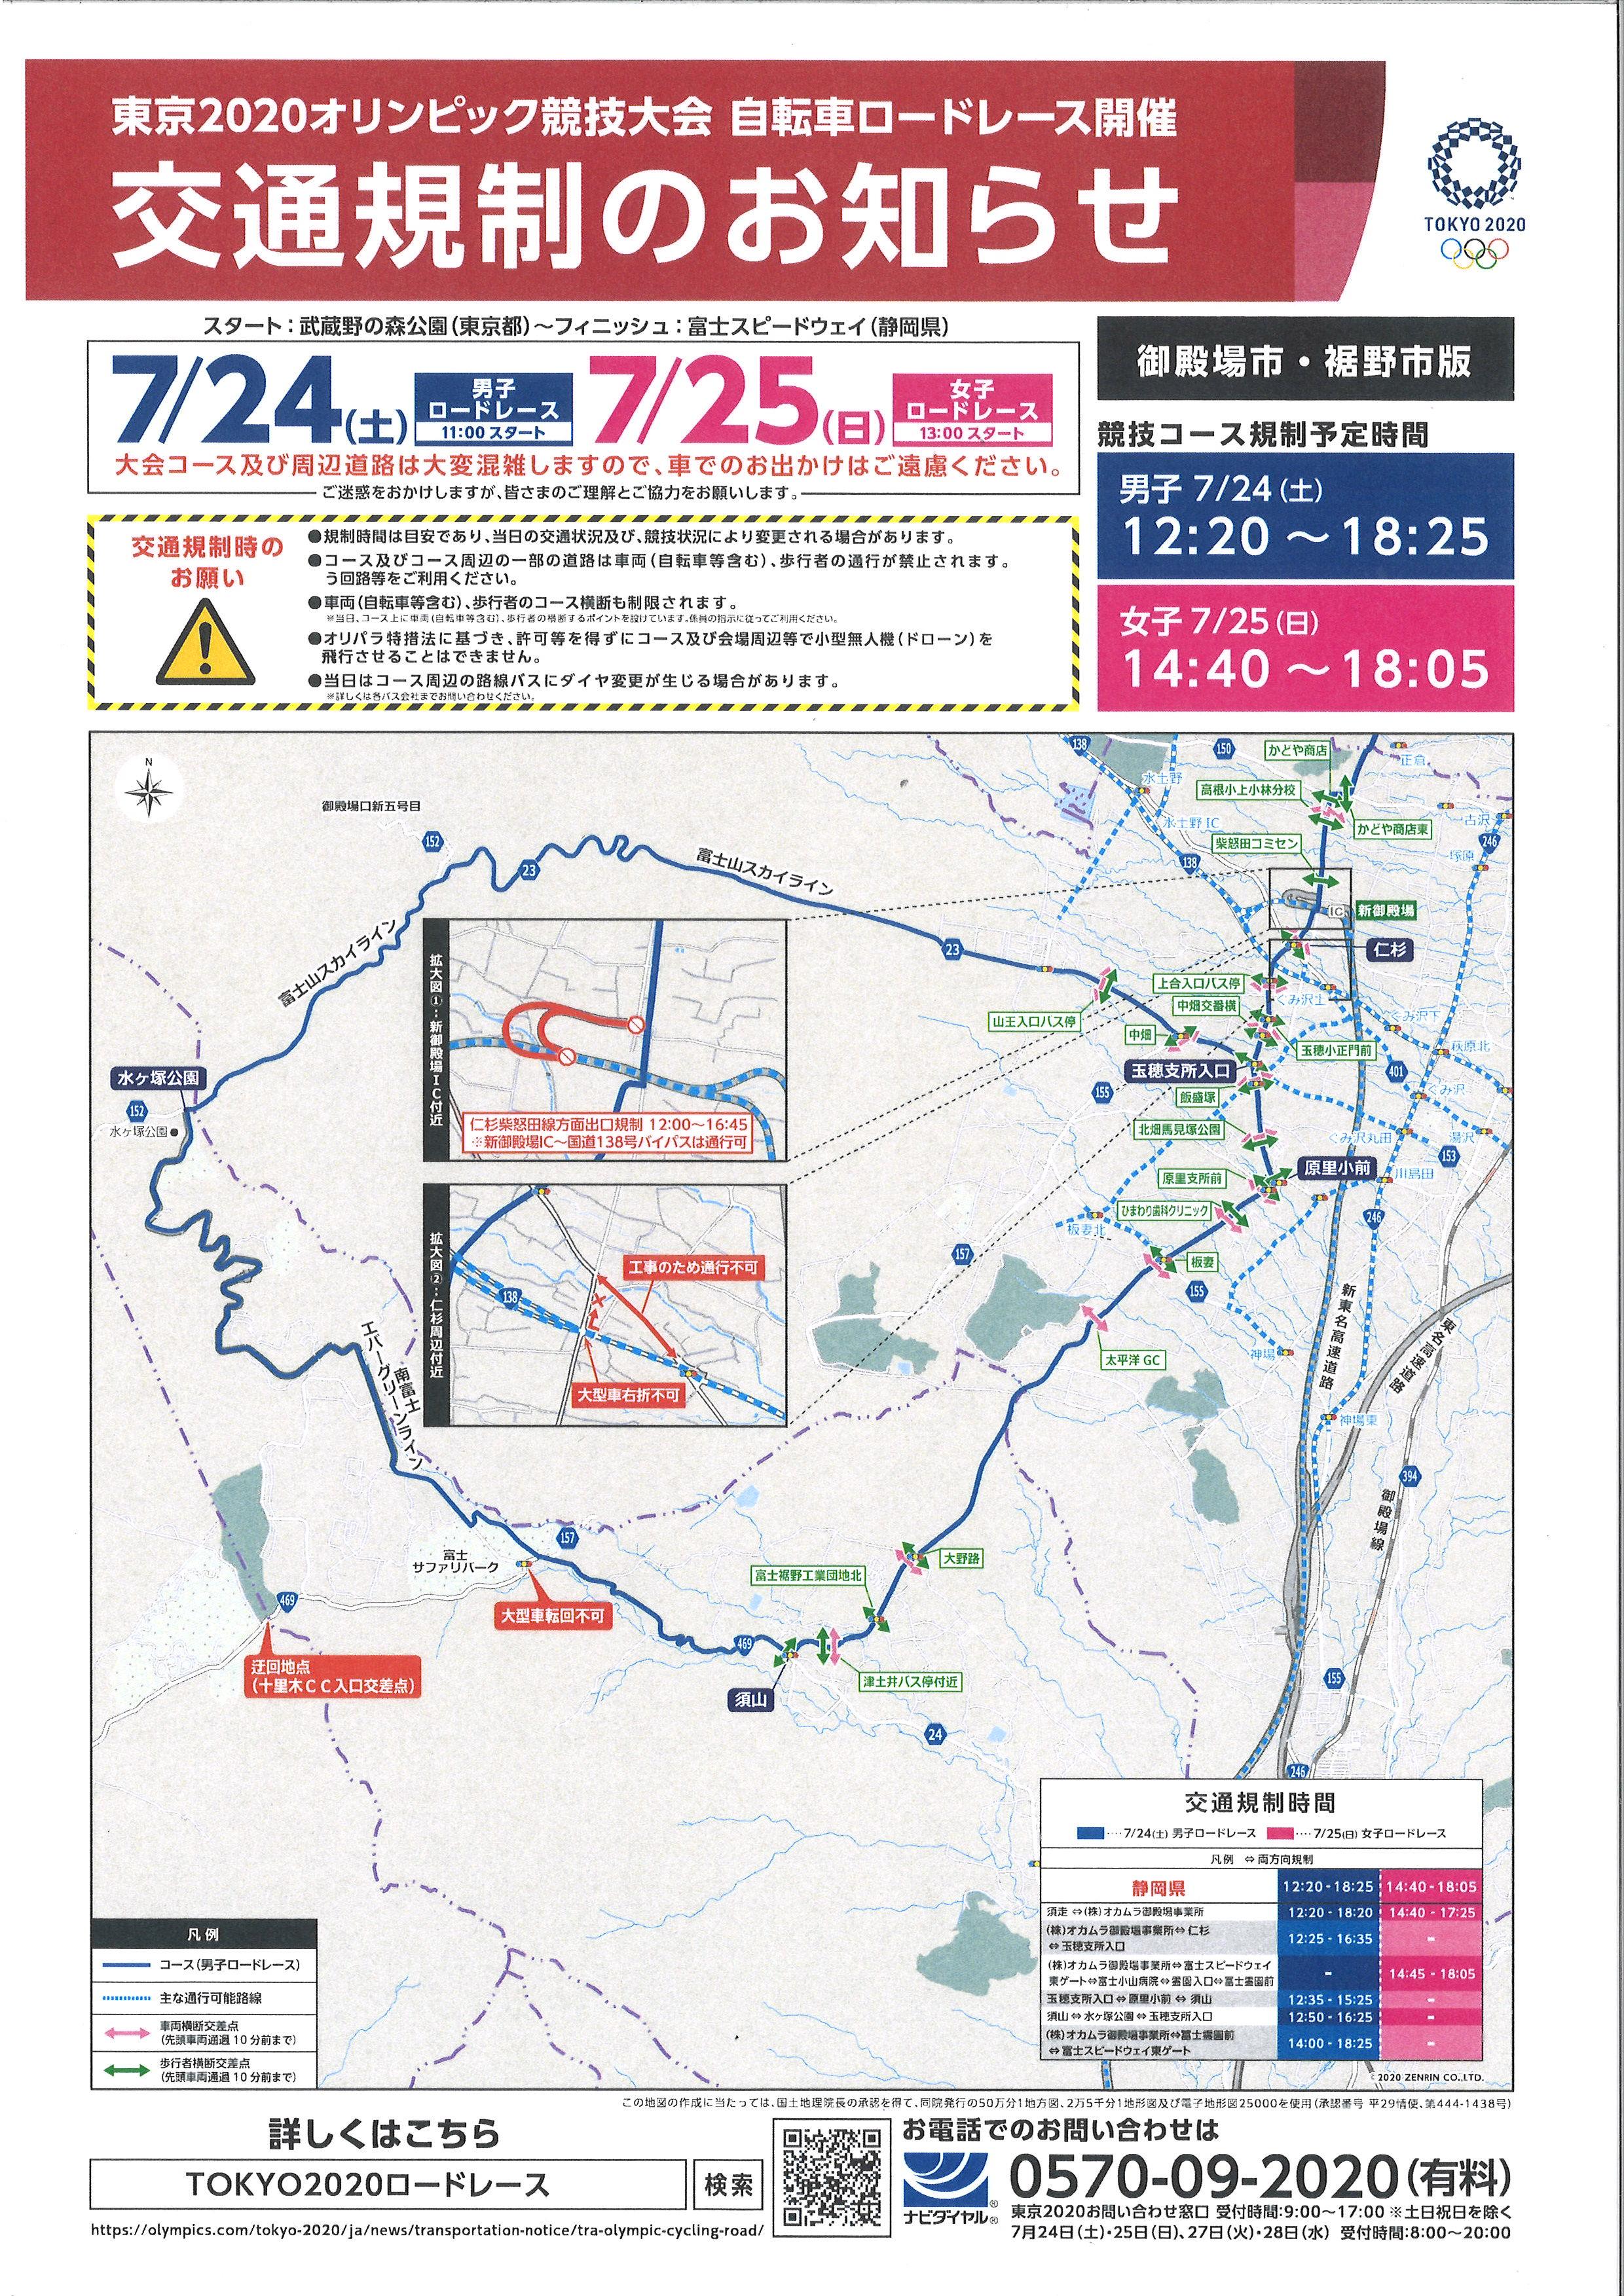 「東京2020オリンピック自転車ロードレース開催に伴う周辺道路規制について